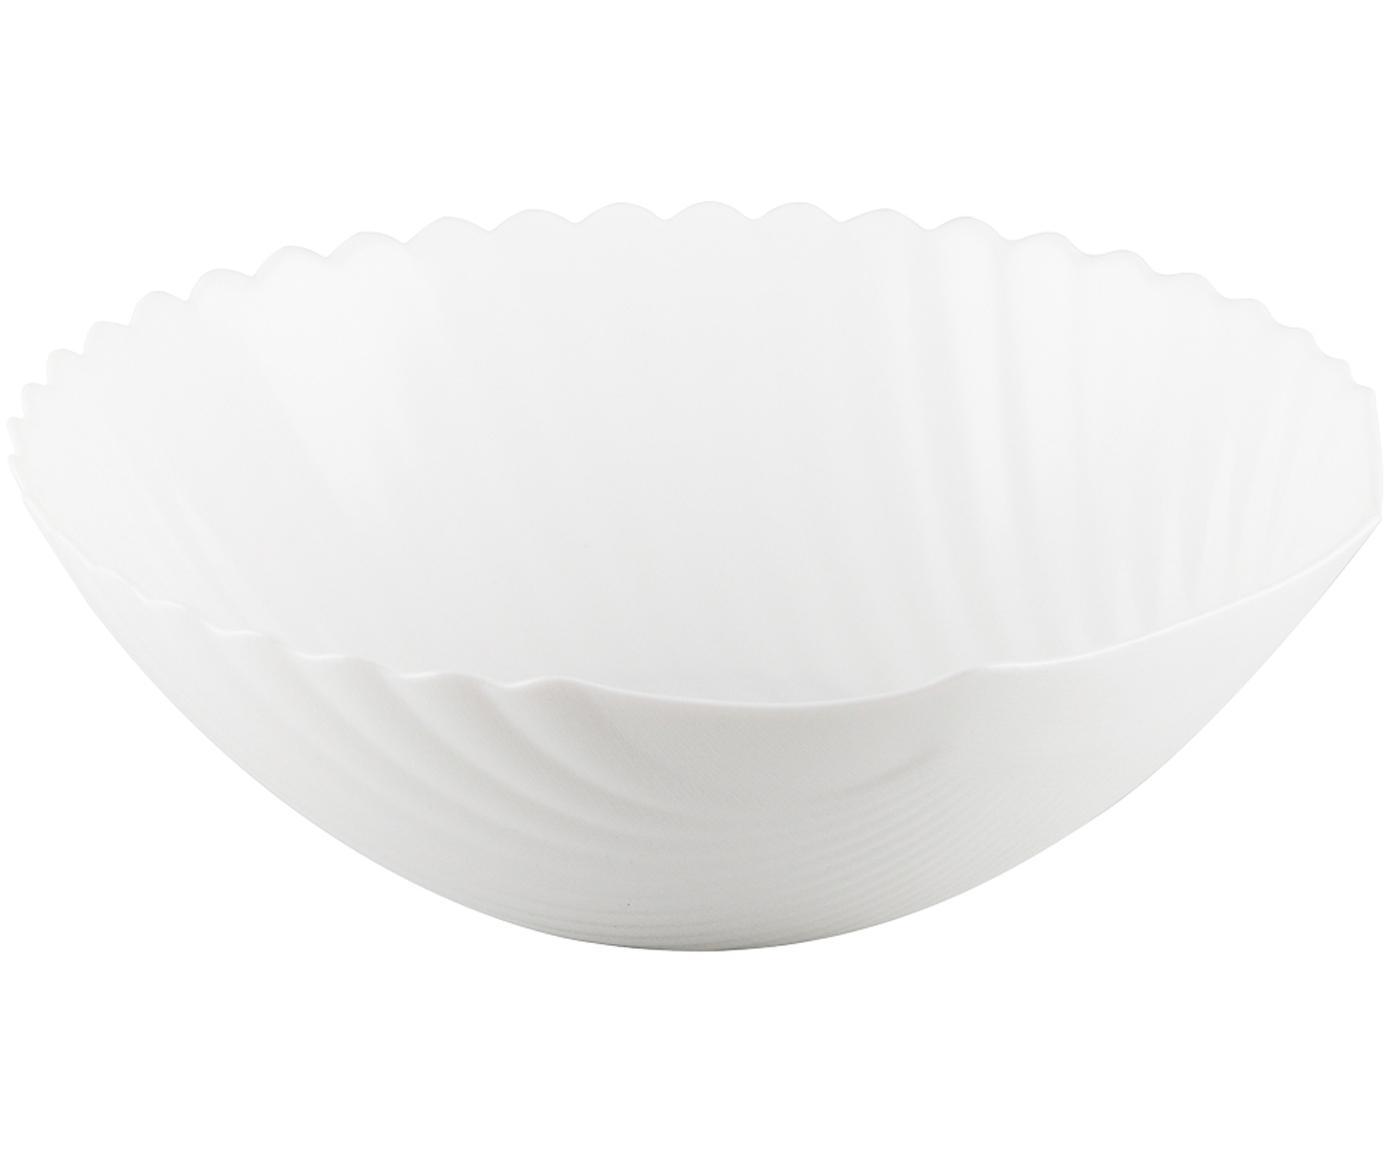 Cuenco Shell, Vidrio, Blanco, Ø 24 x Al 8 cm